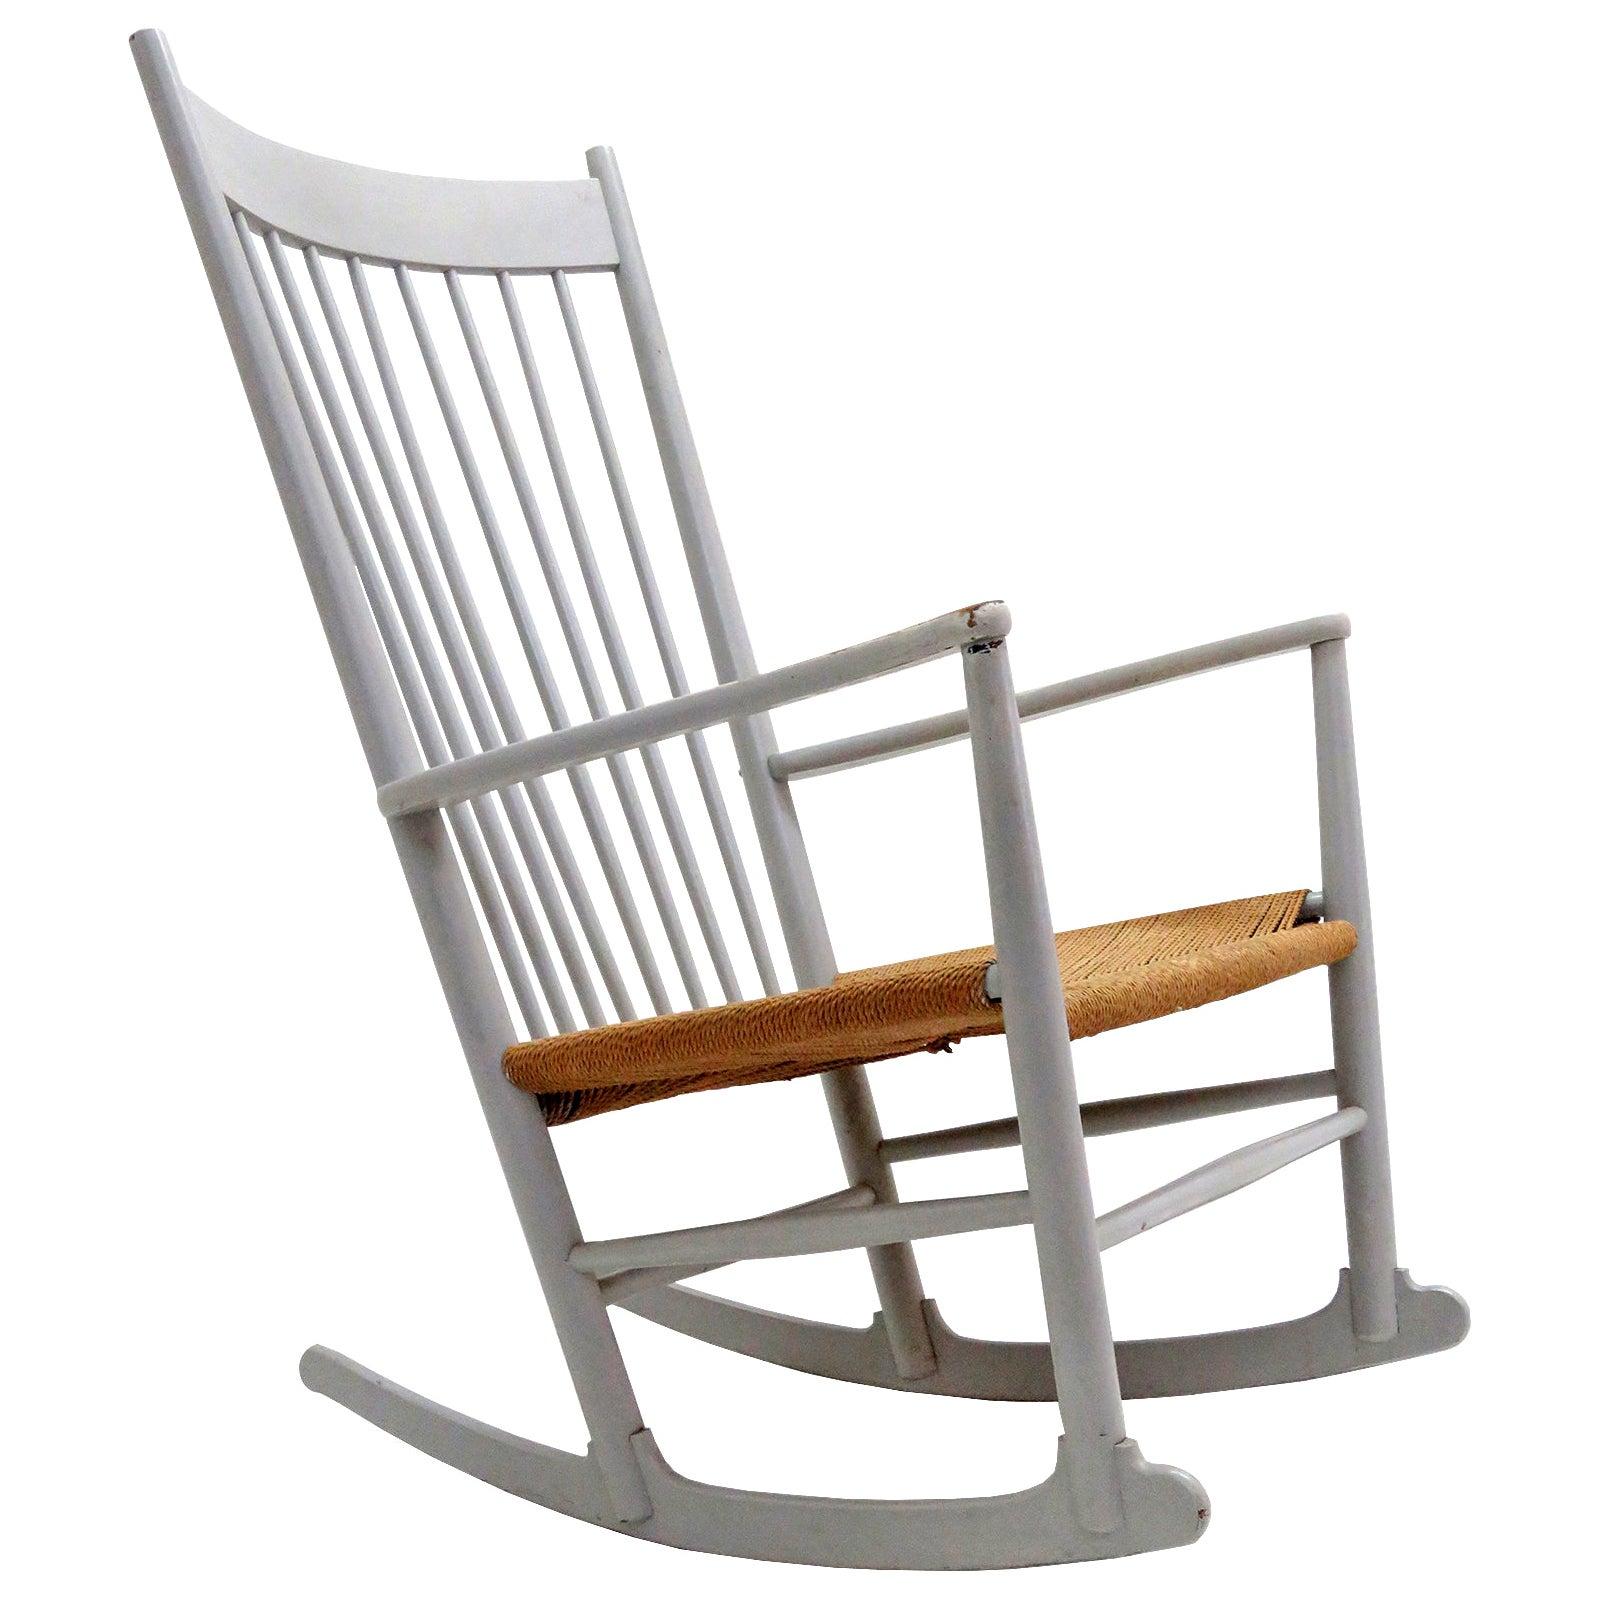 Hans J. Wegner Model J16 Rocking Chair, 1961